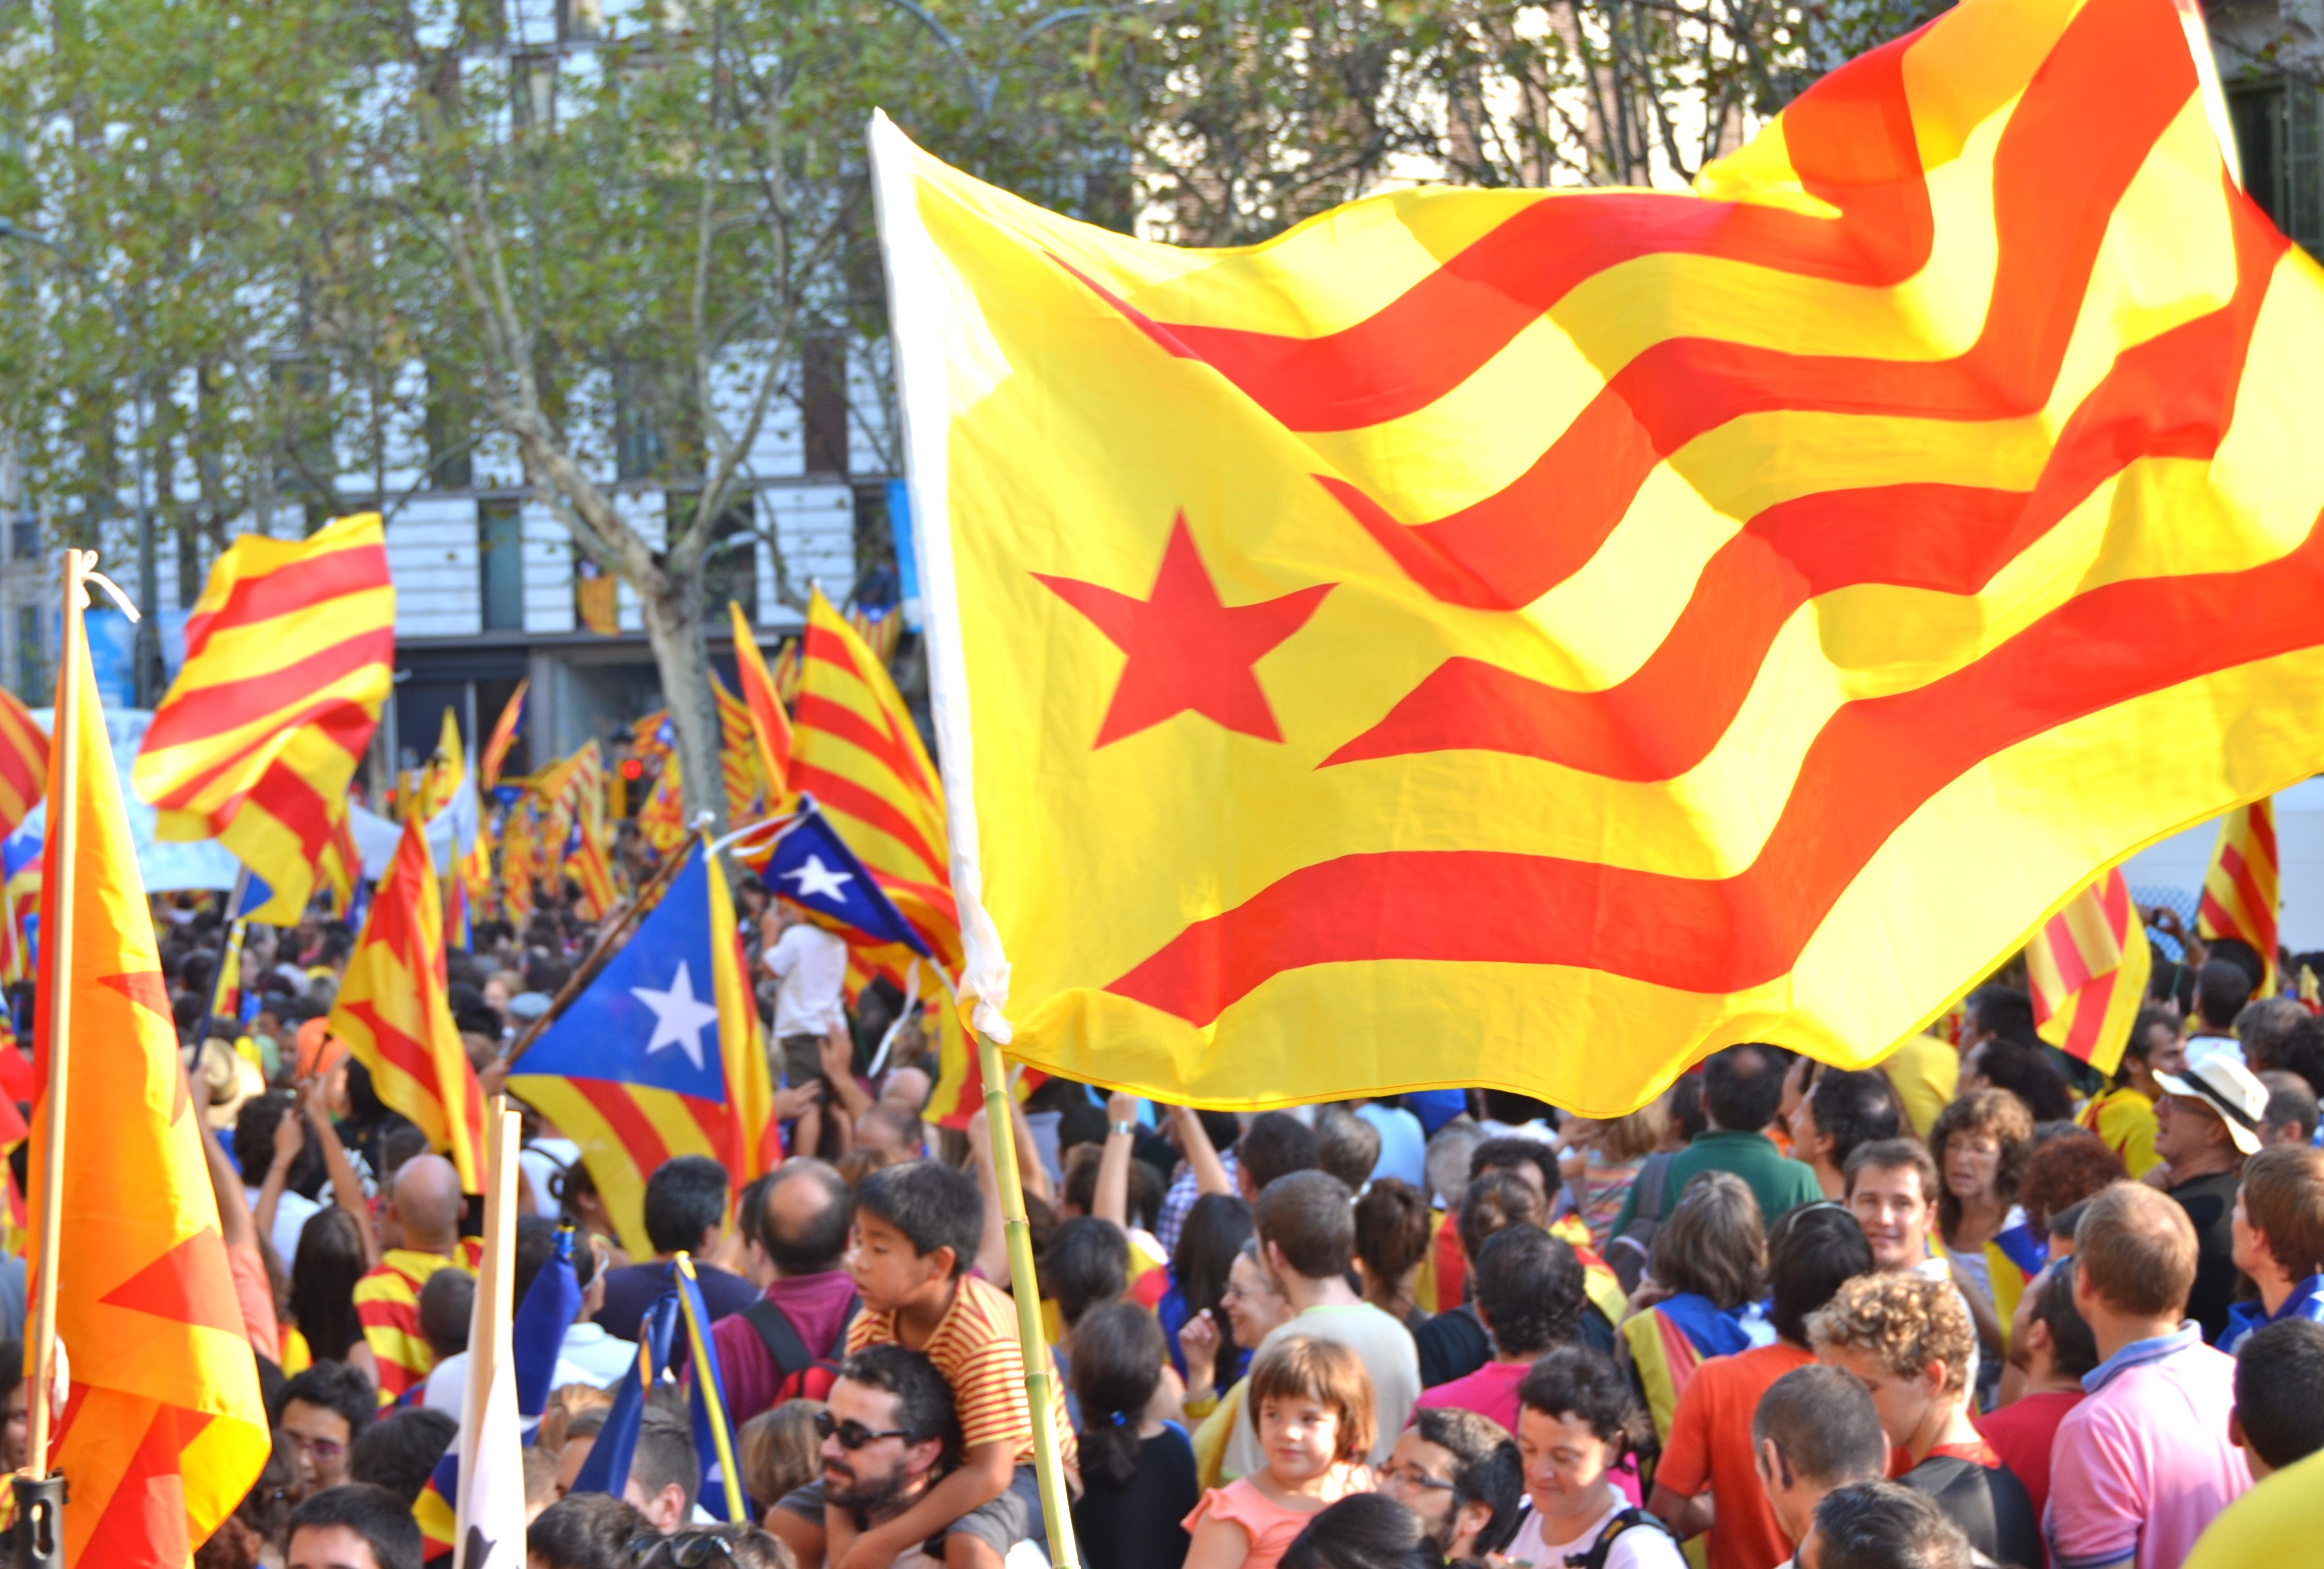 إقليم كتالونيا يقرر تدريس الإسلام في المدارس